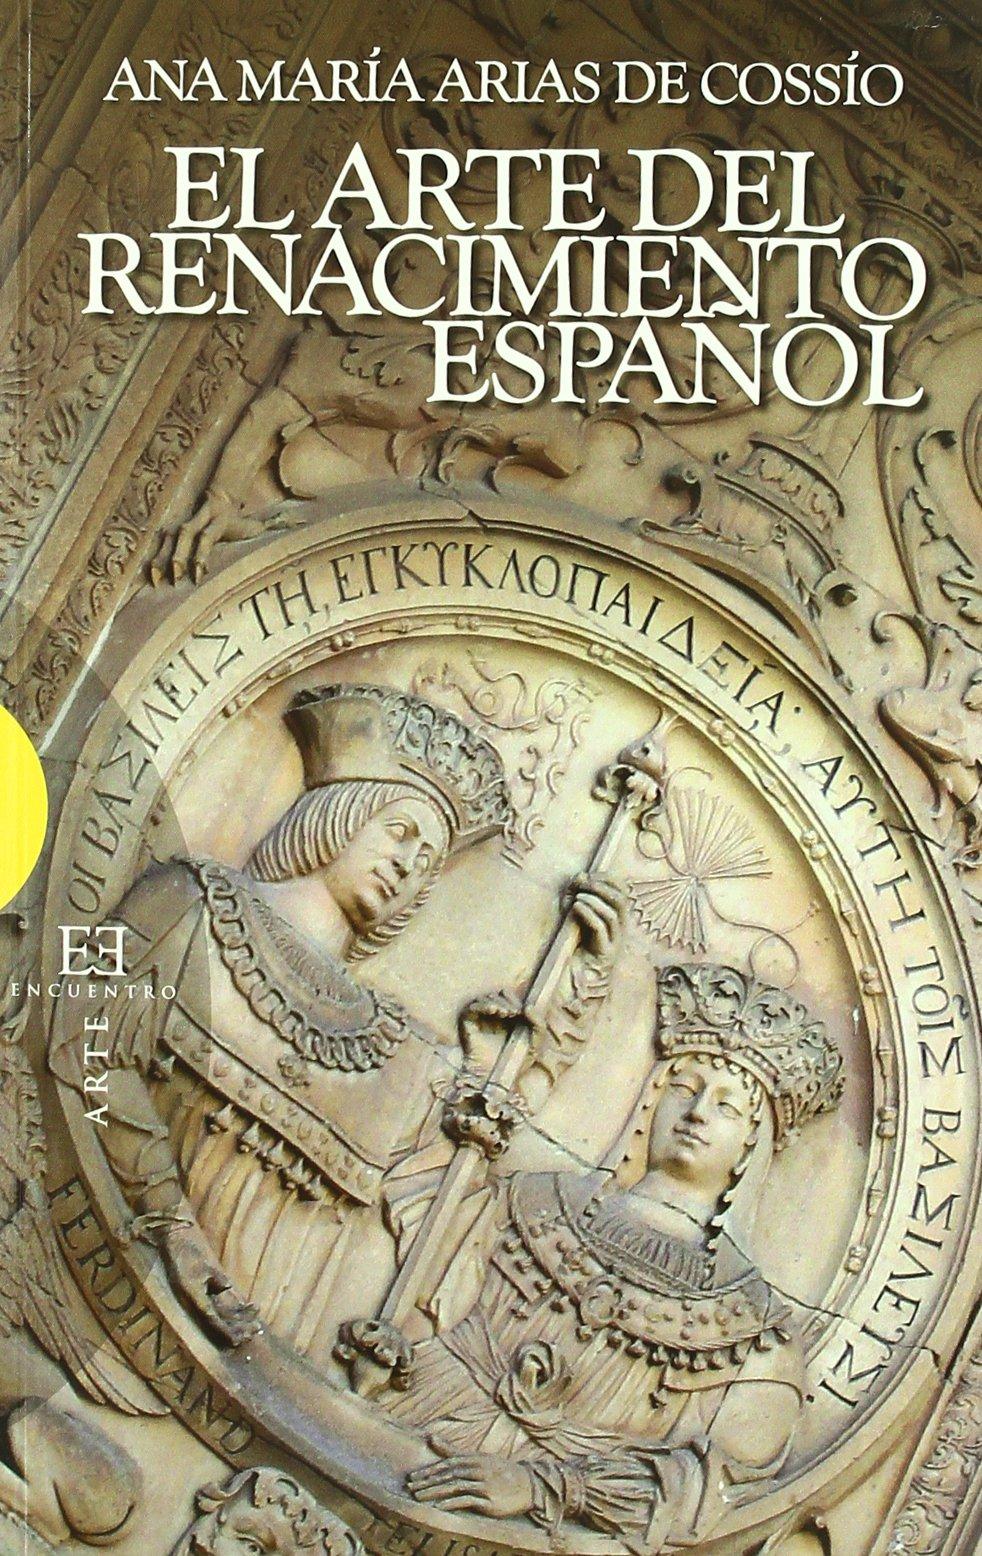 El arte del Renacimiento español (Ensayo): Amazon.es: Arias de Cossío, Ana María: Libros